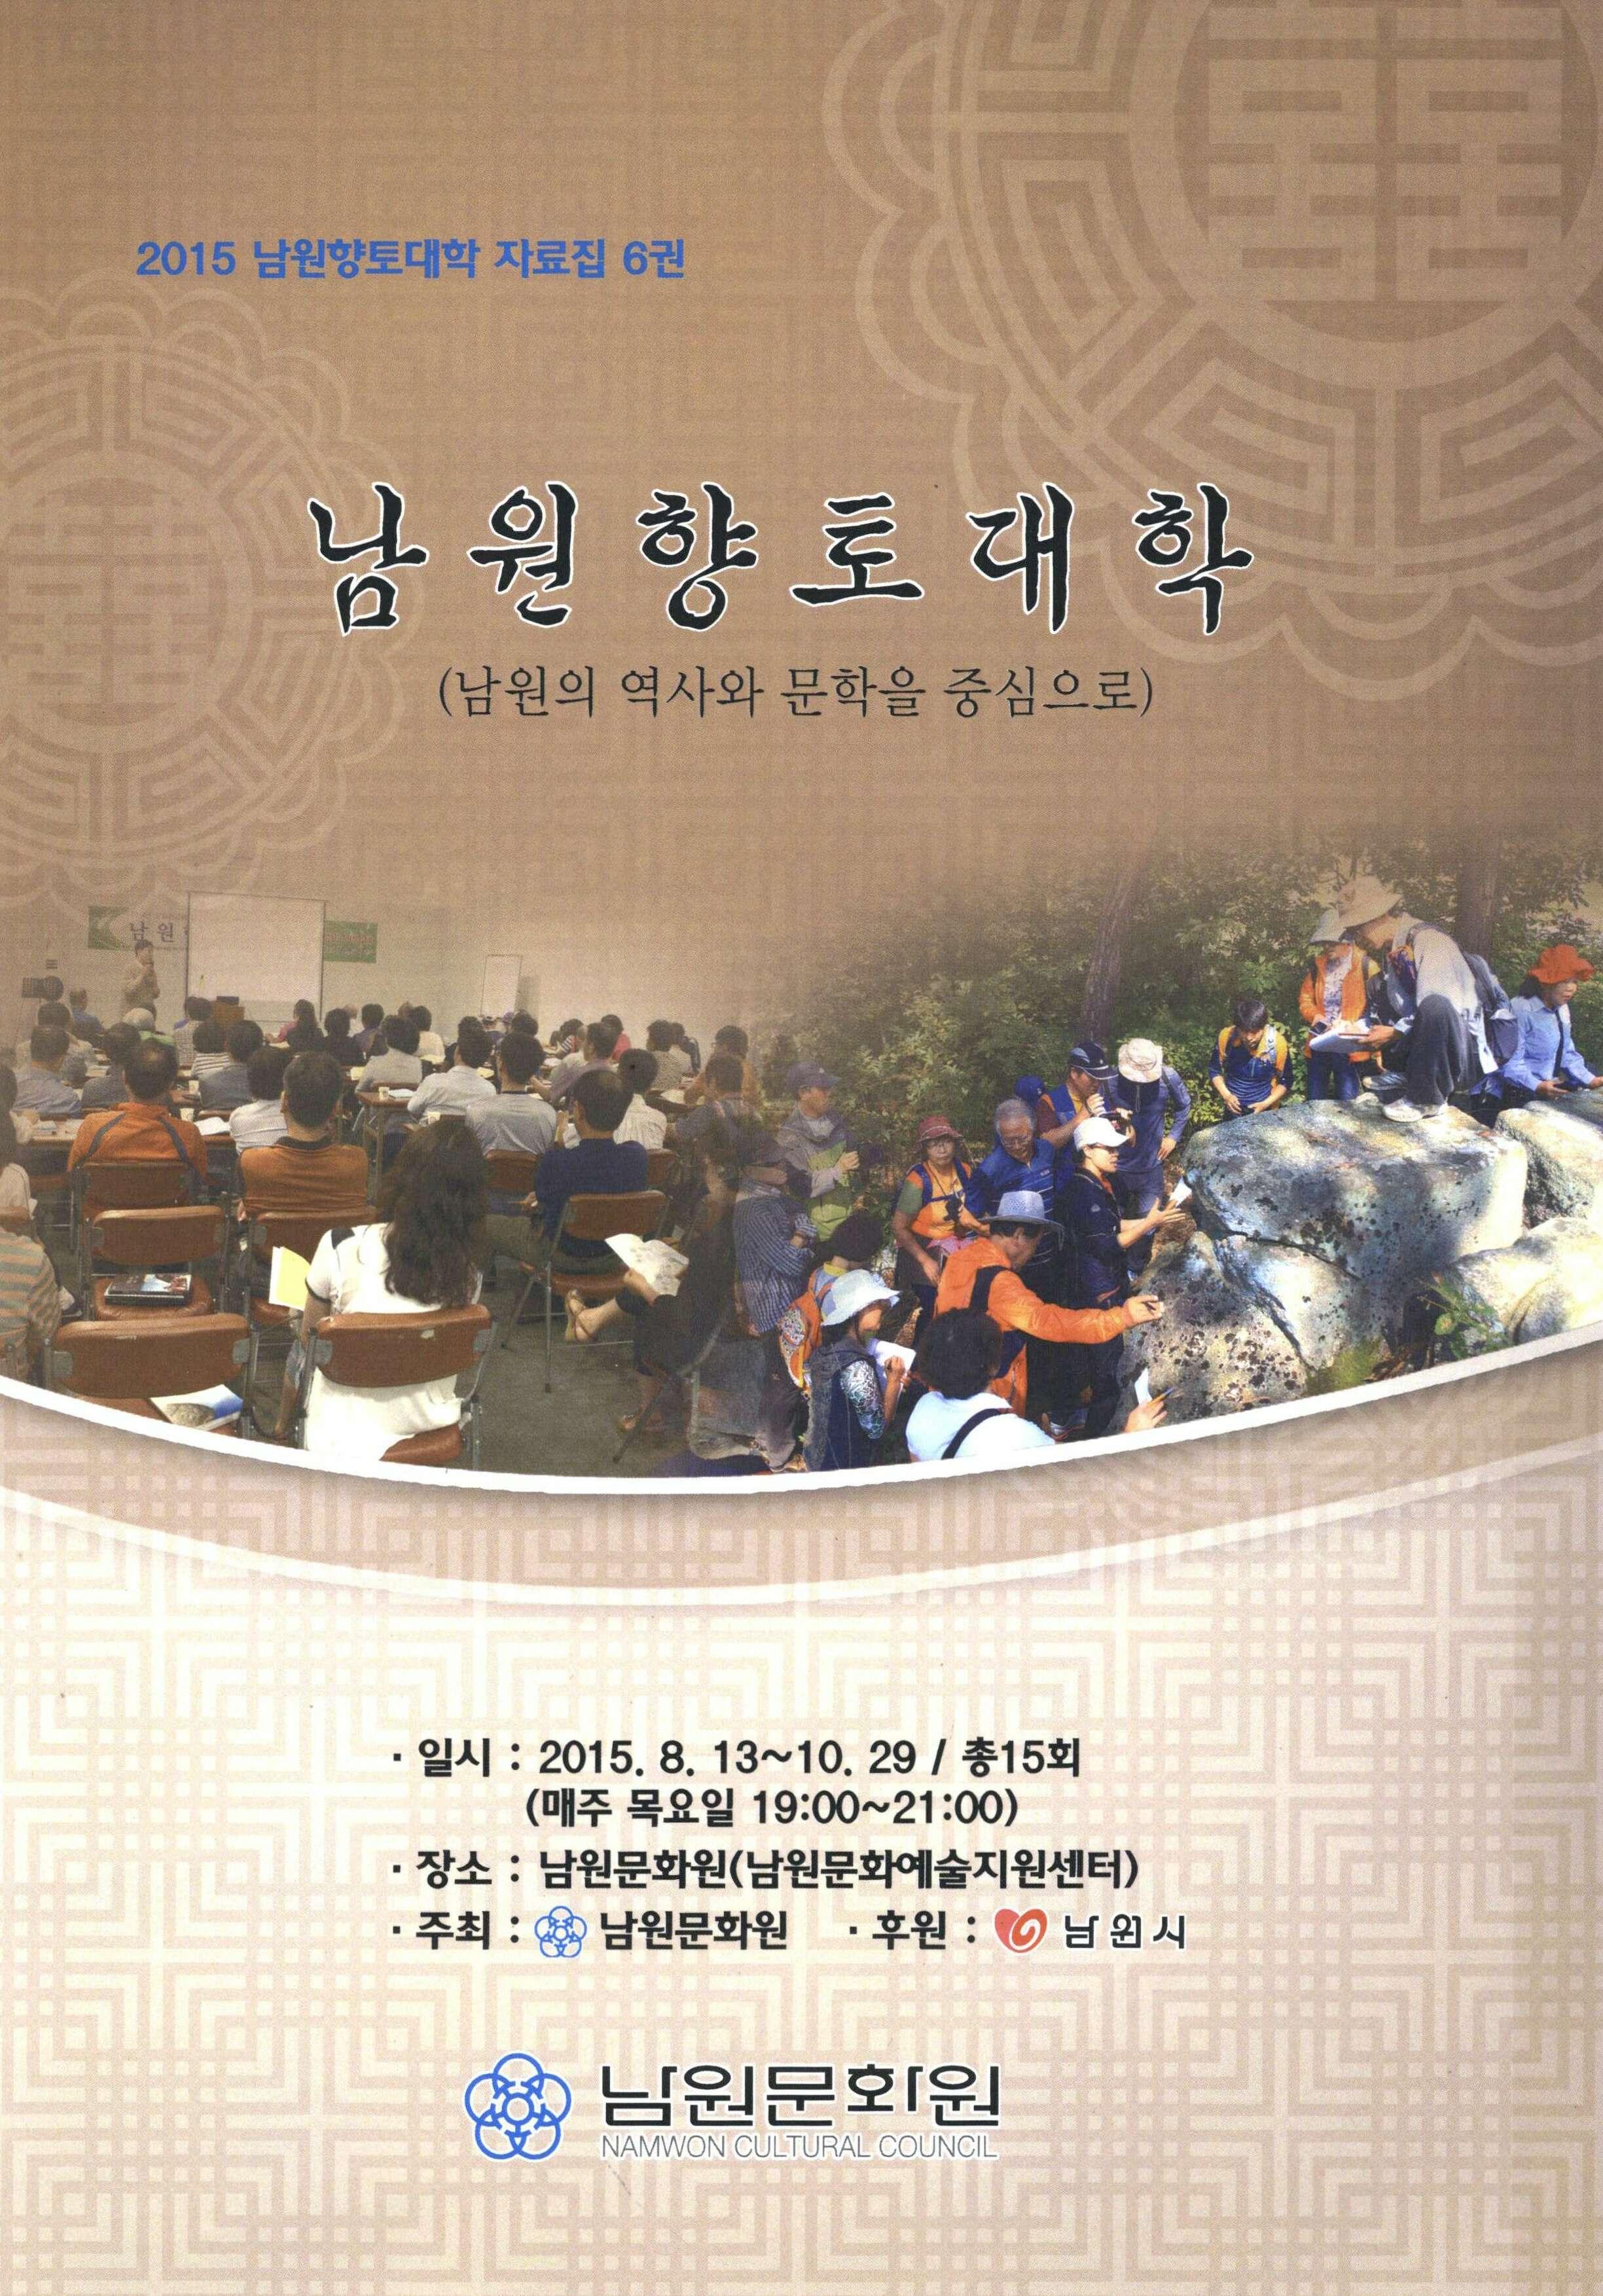 2015 남원향토대학 자료집 6권남원향토대학 남원의 역사와 문학을 중심으로